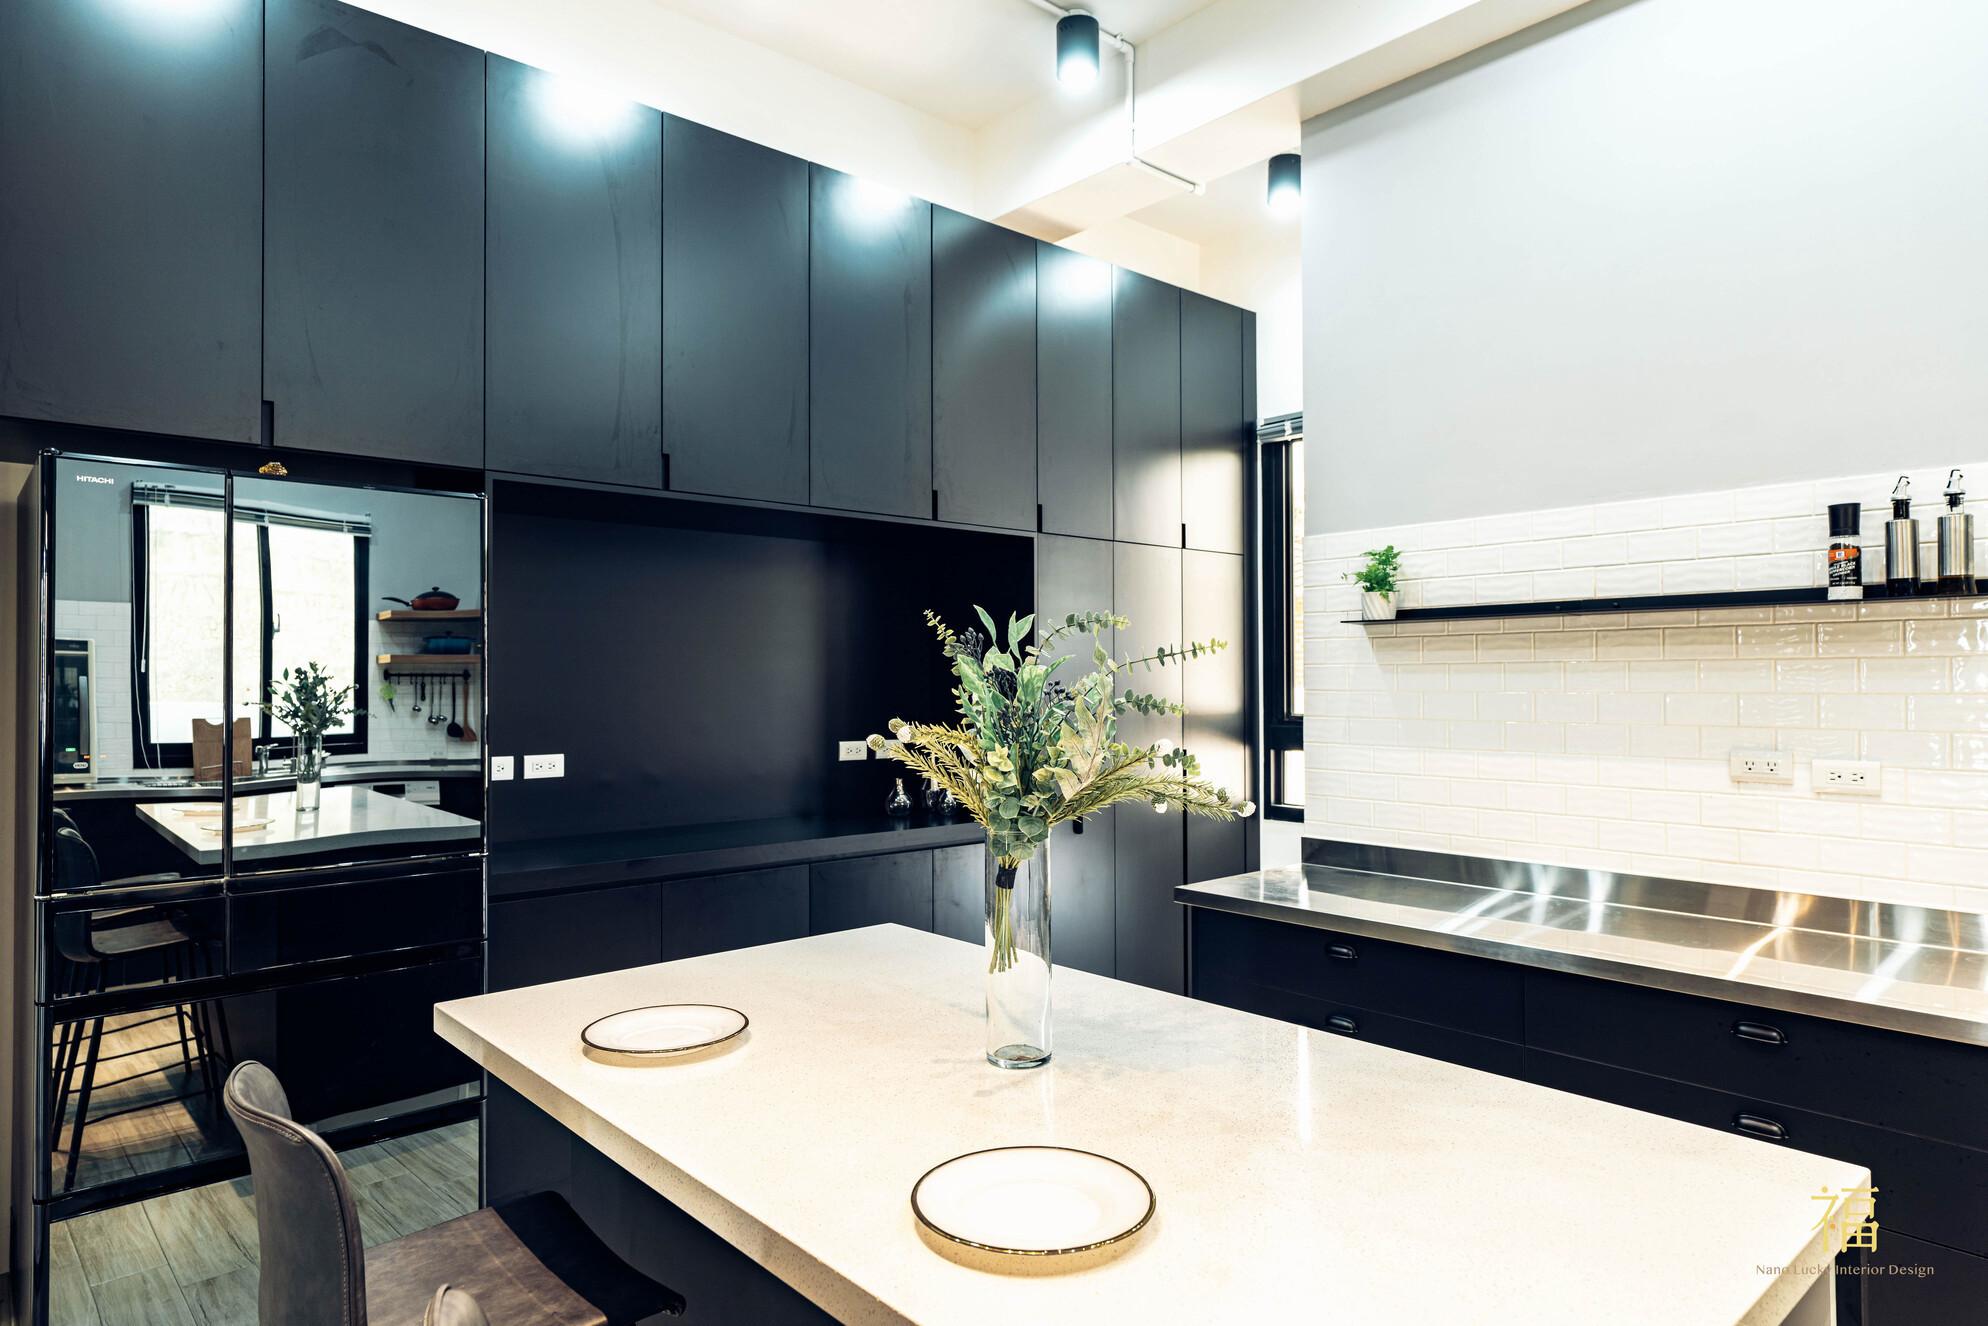 溪口盧宅|白色光潔感中島檯面|嘉義住宅空間設計